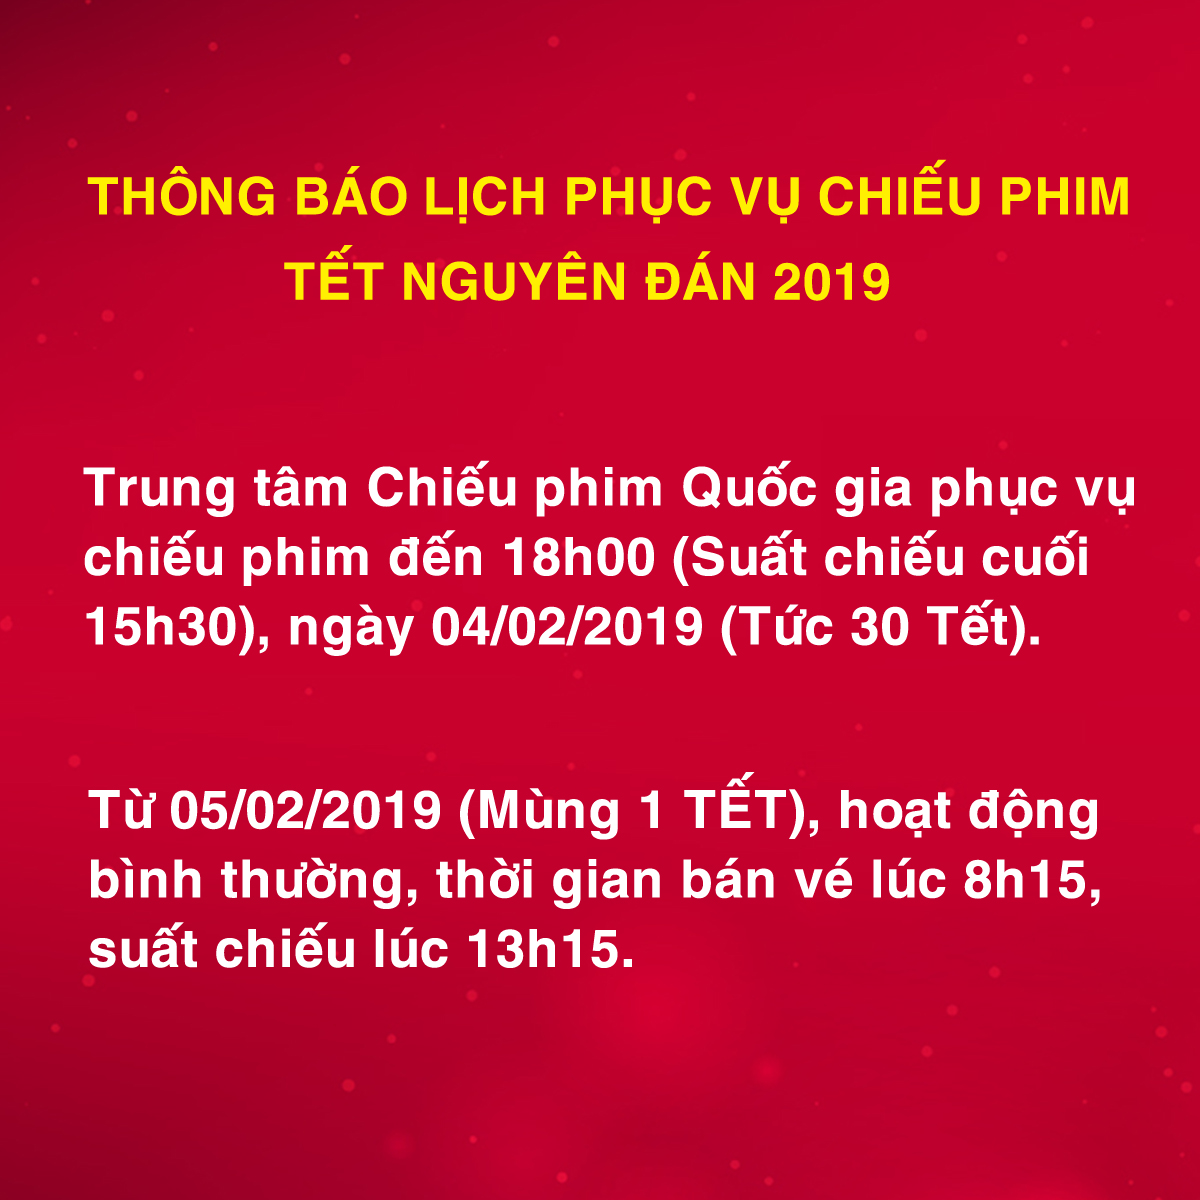 Picture for category THÔNG BÁO LỊCH PHỤC VỤ CHIẾU PHIM TẾT NGUYÊN ĐÁN 2019